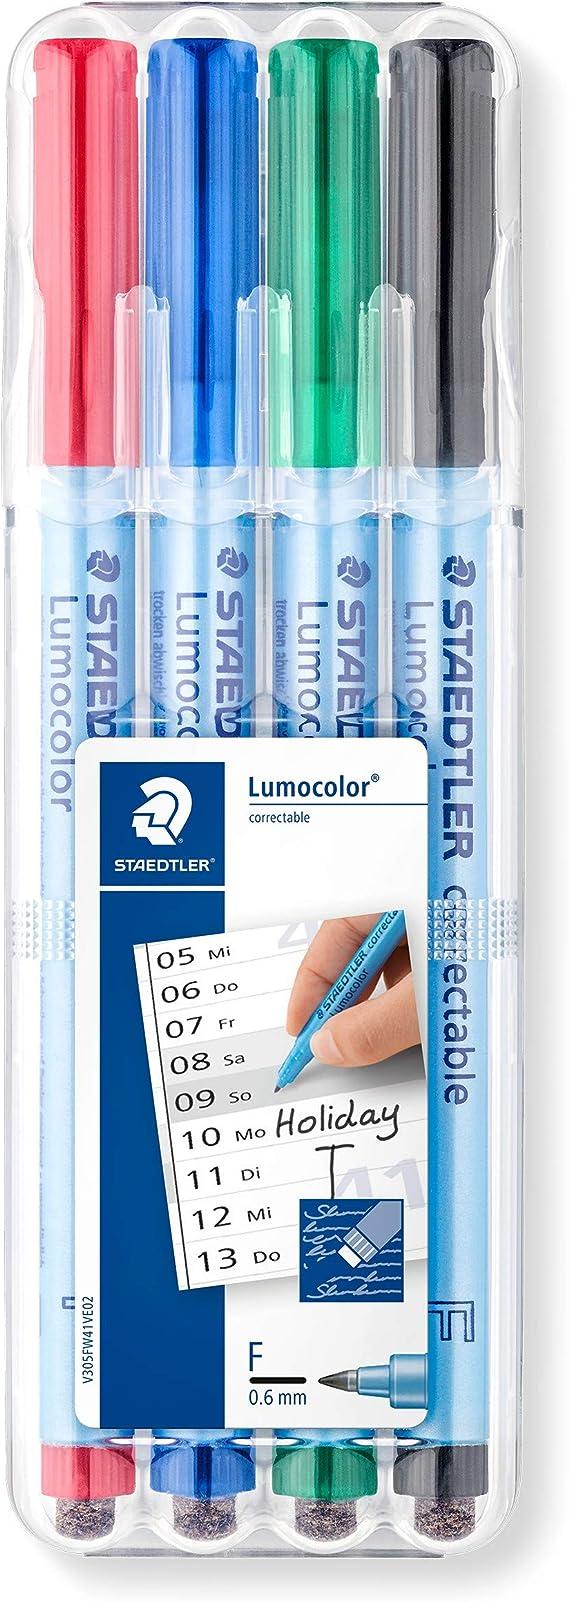 Image ofStaedtler Lumocolor 305F WP4-1. Rotulador borrable de punta fina. Estuche con 4 marcadores de colores variados.